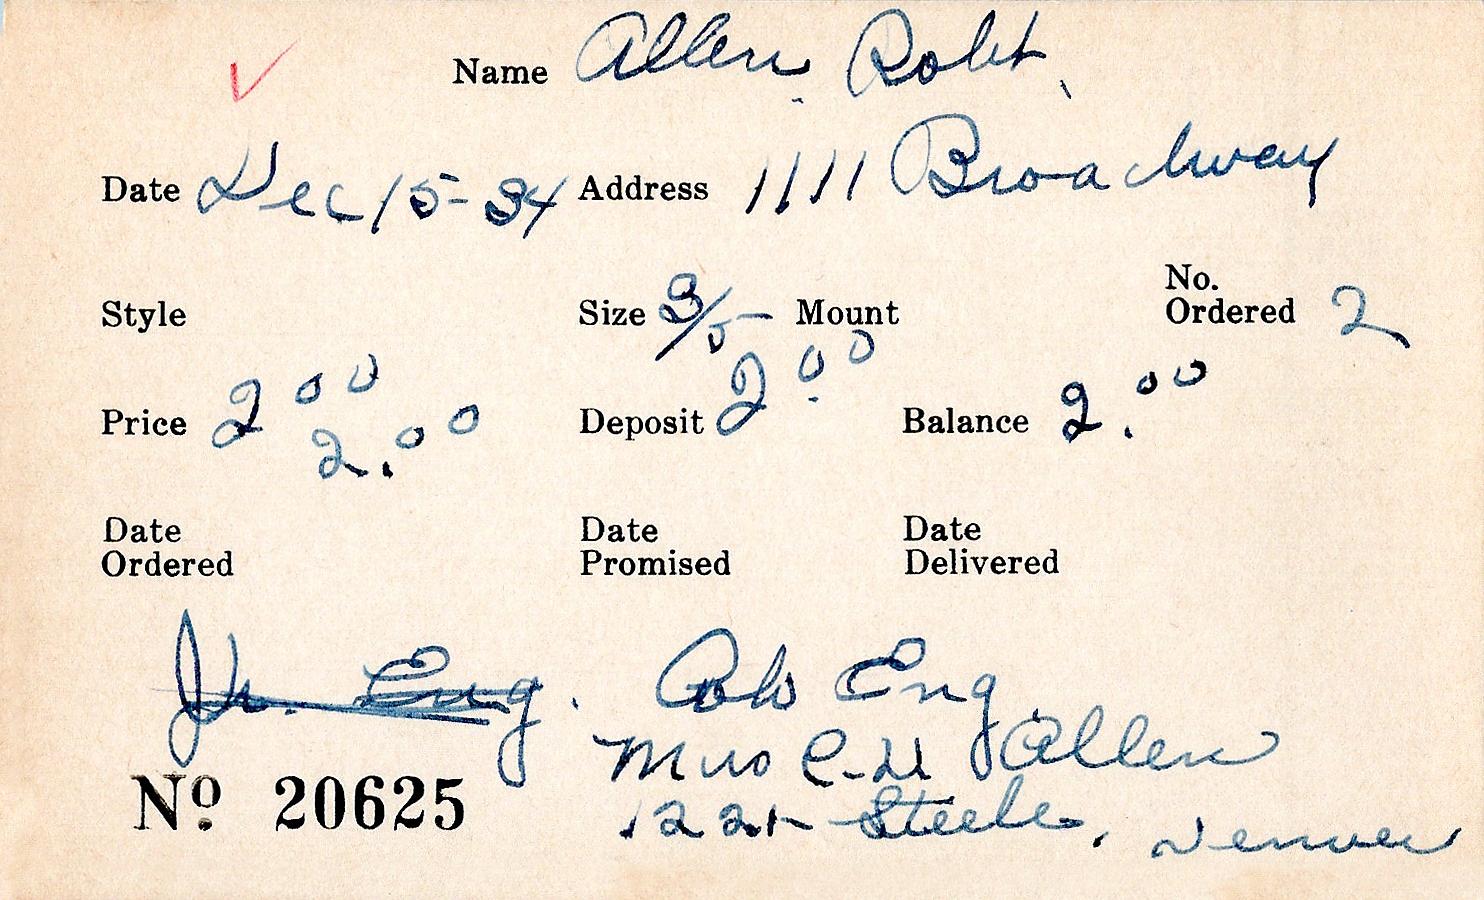 Index card for Robert Allen